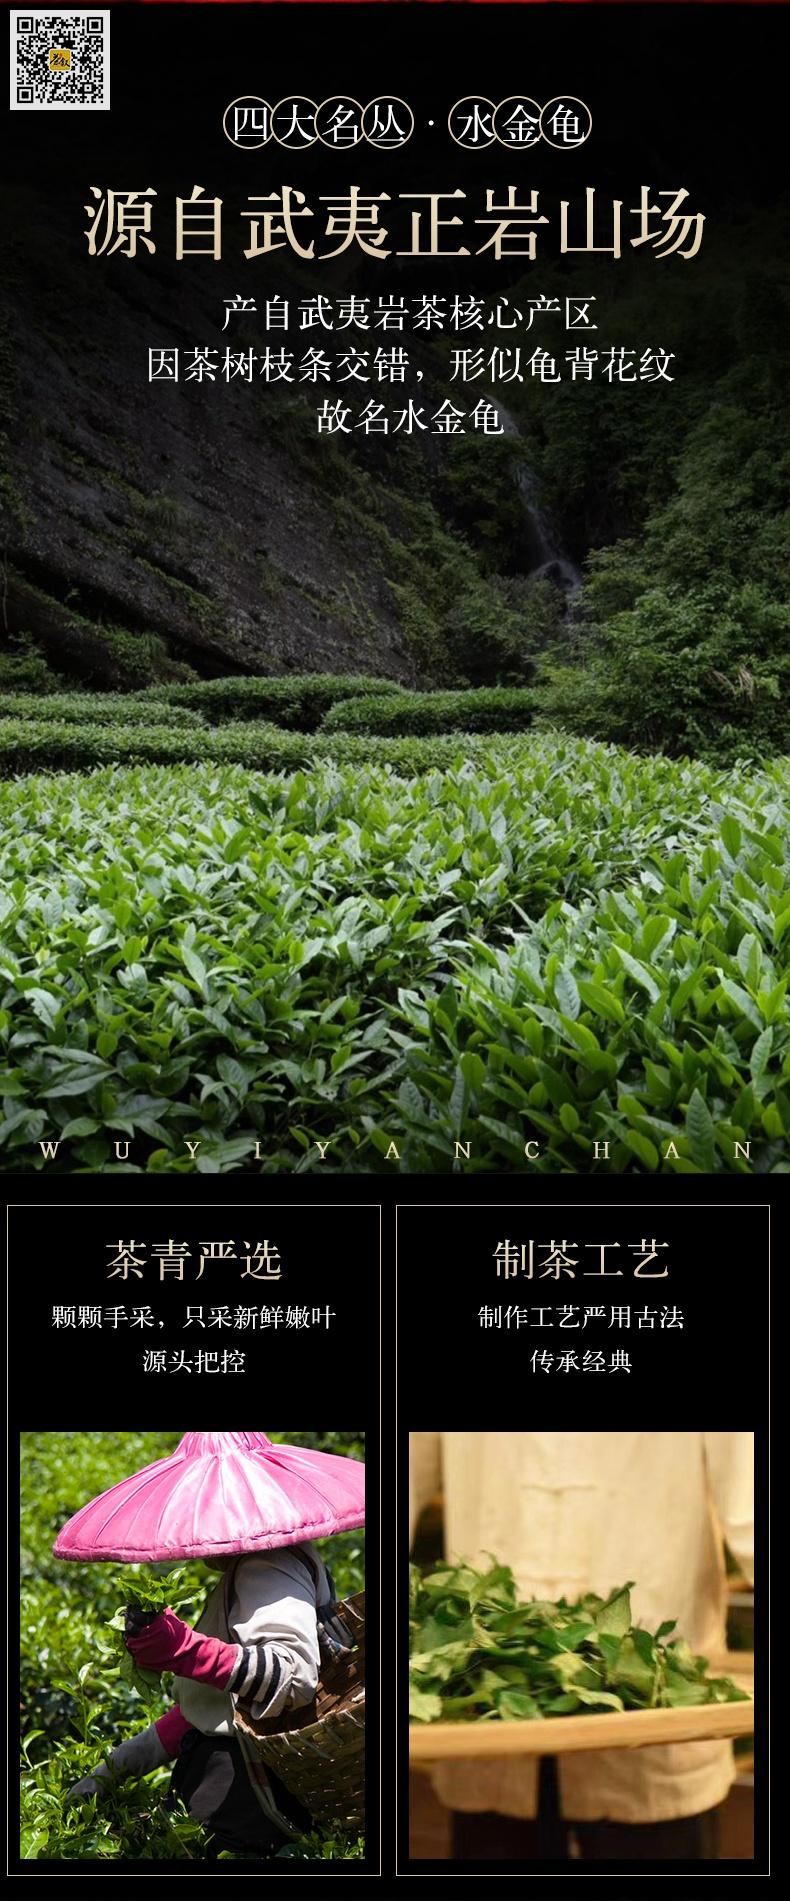 精装水金龟礼品茶-山场介绍图